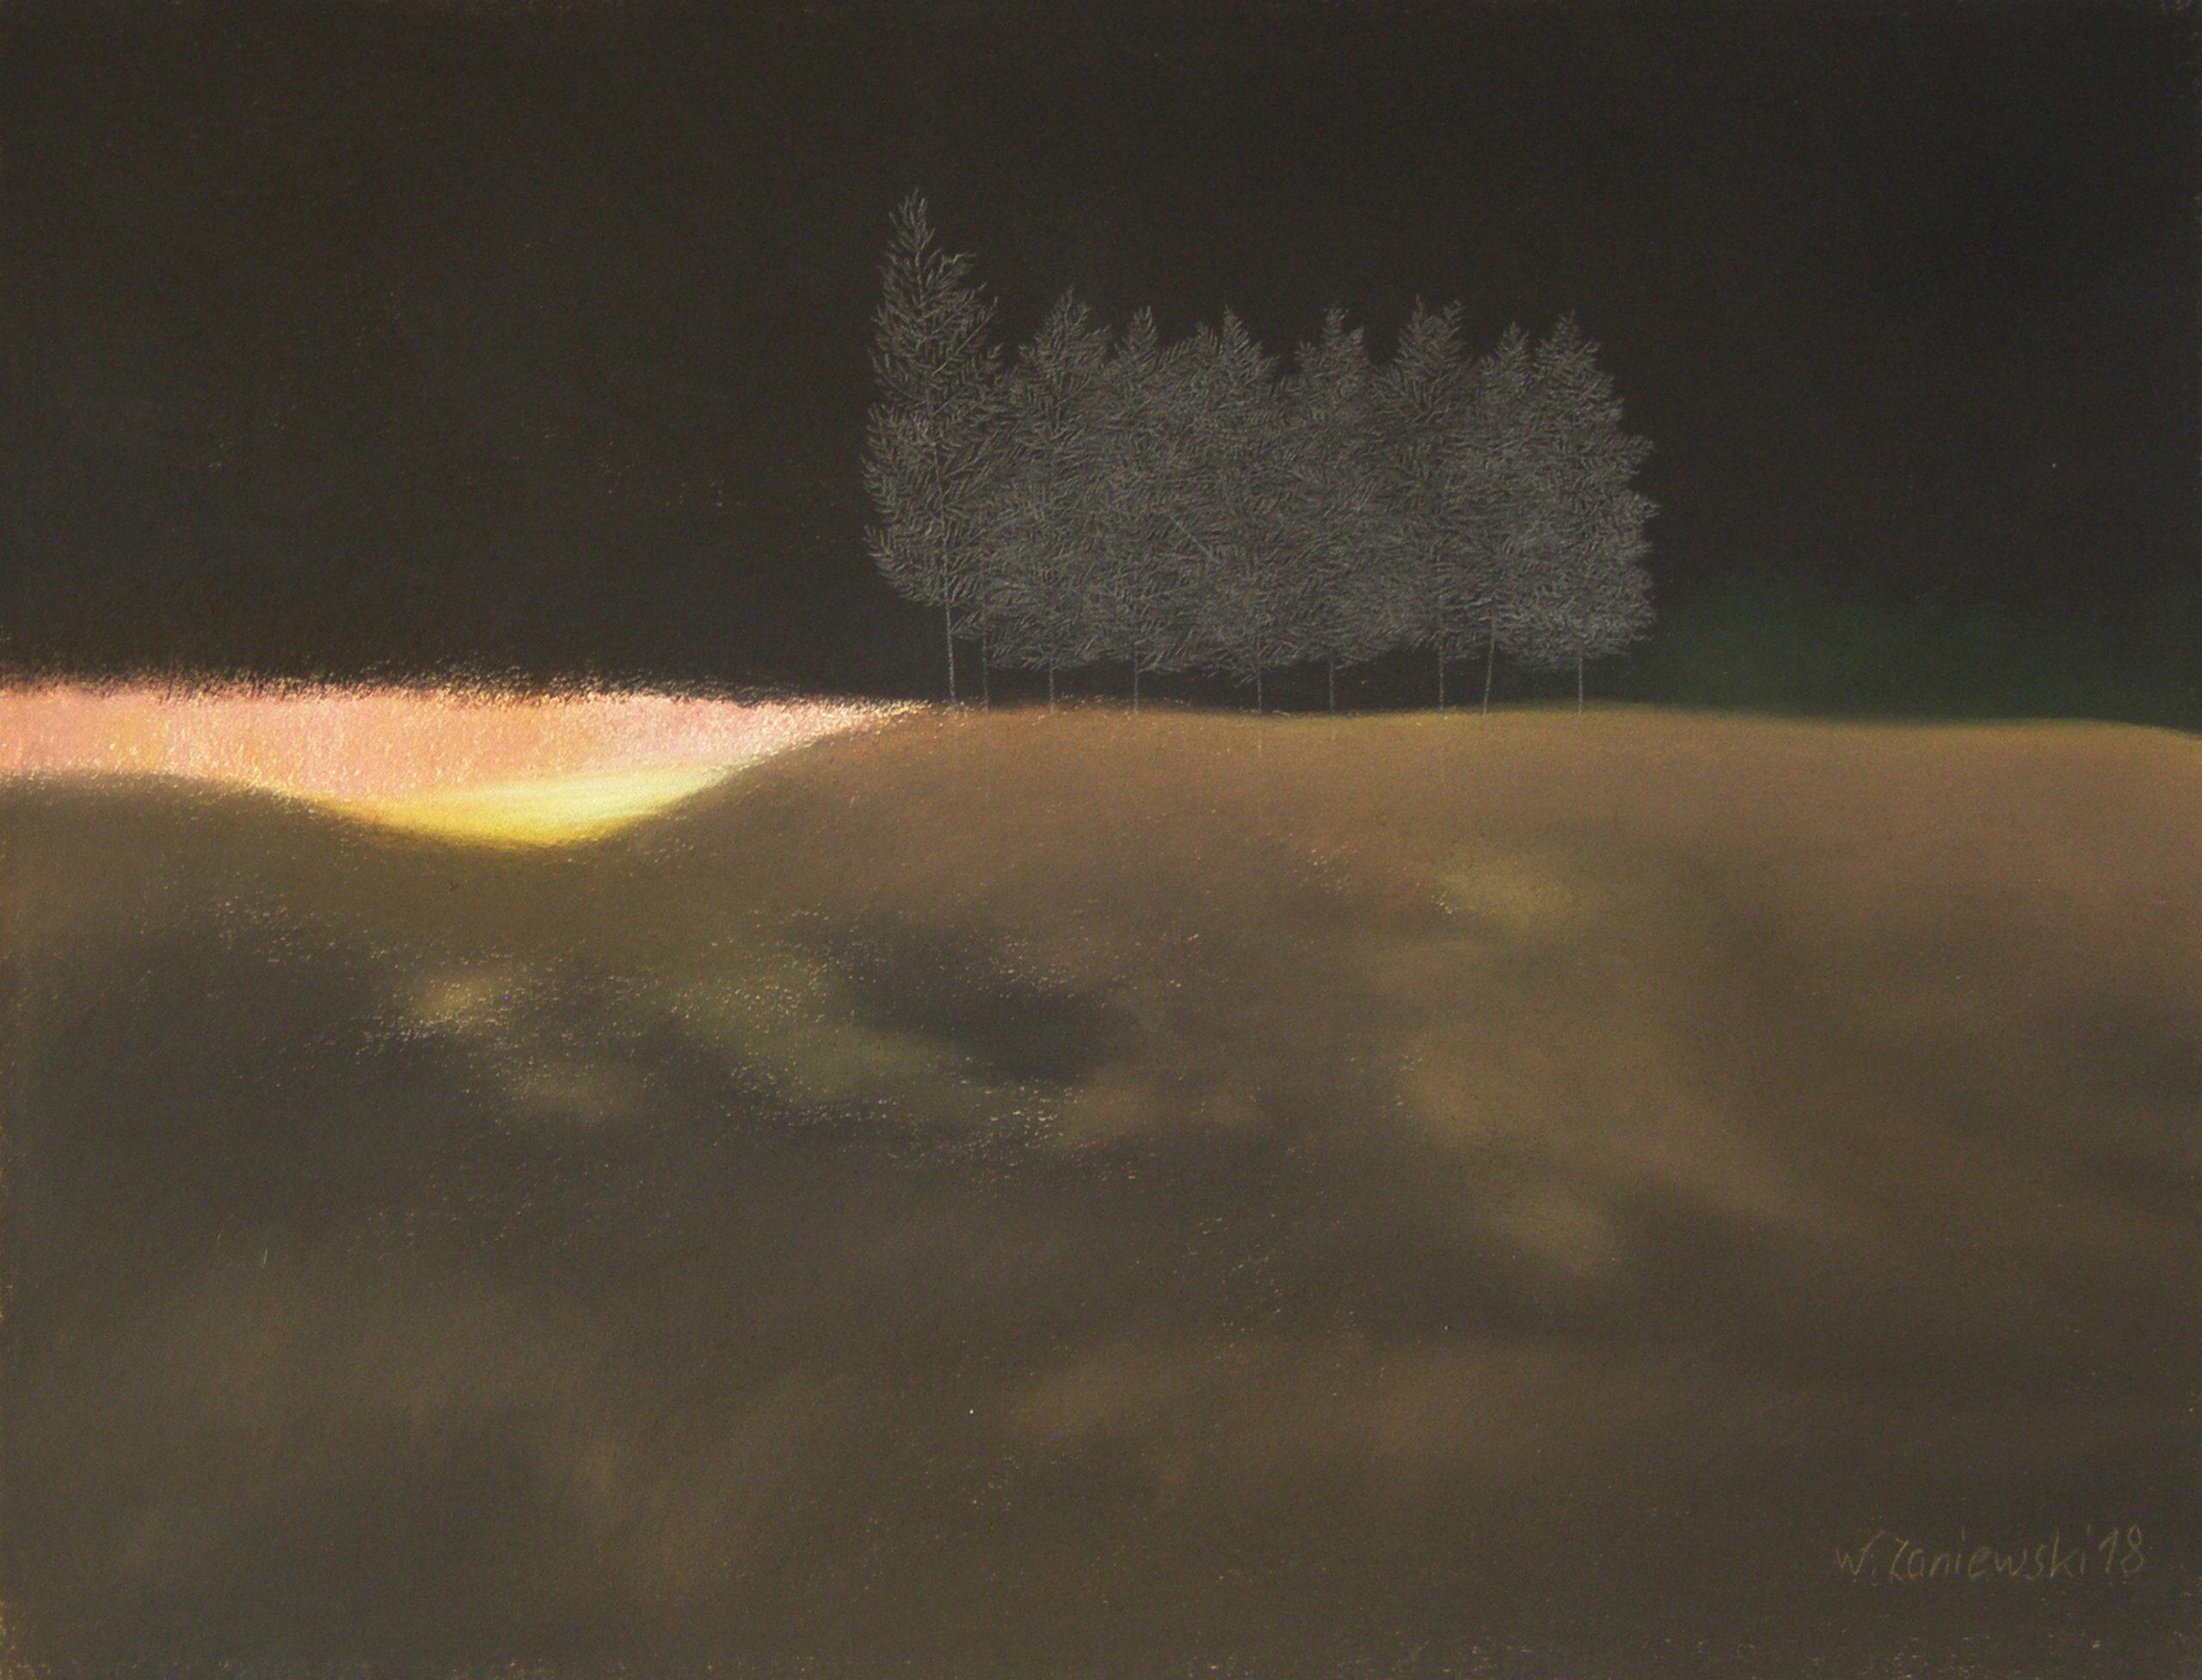 Pastel z cyklu Wydmy 2018, 49 x 64 cm